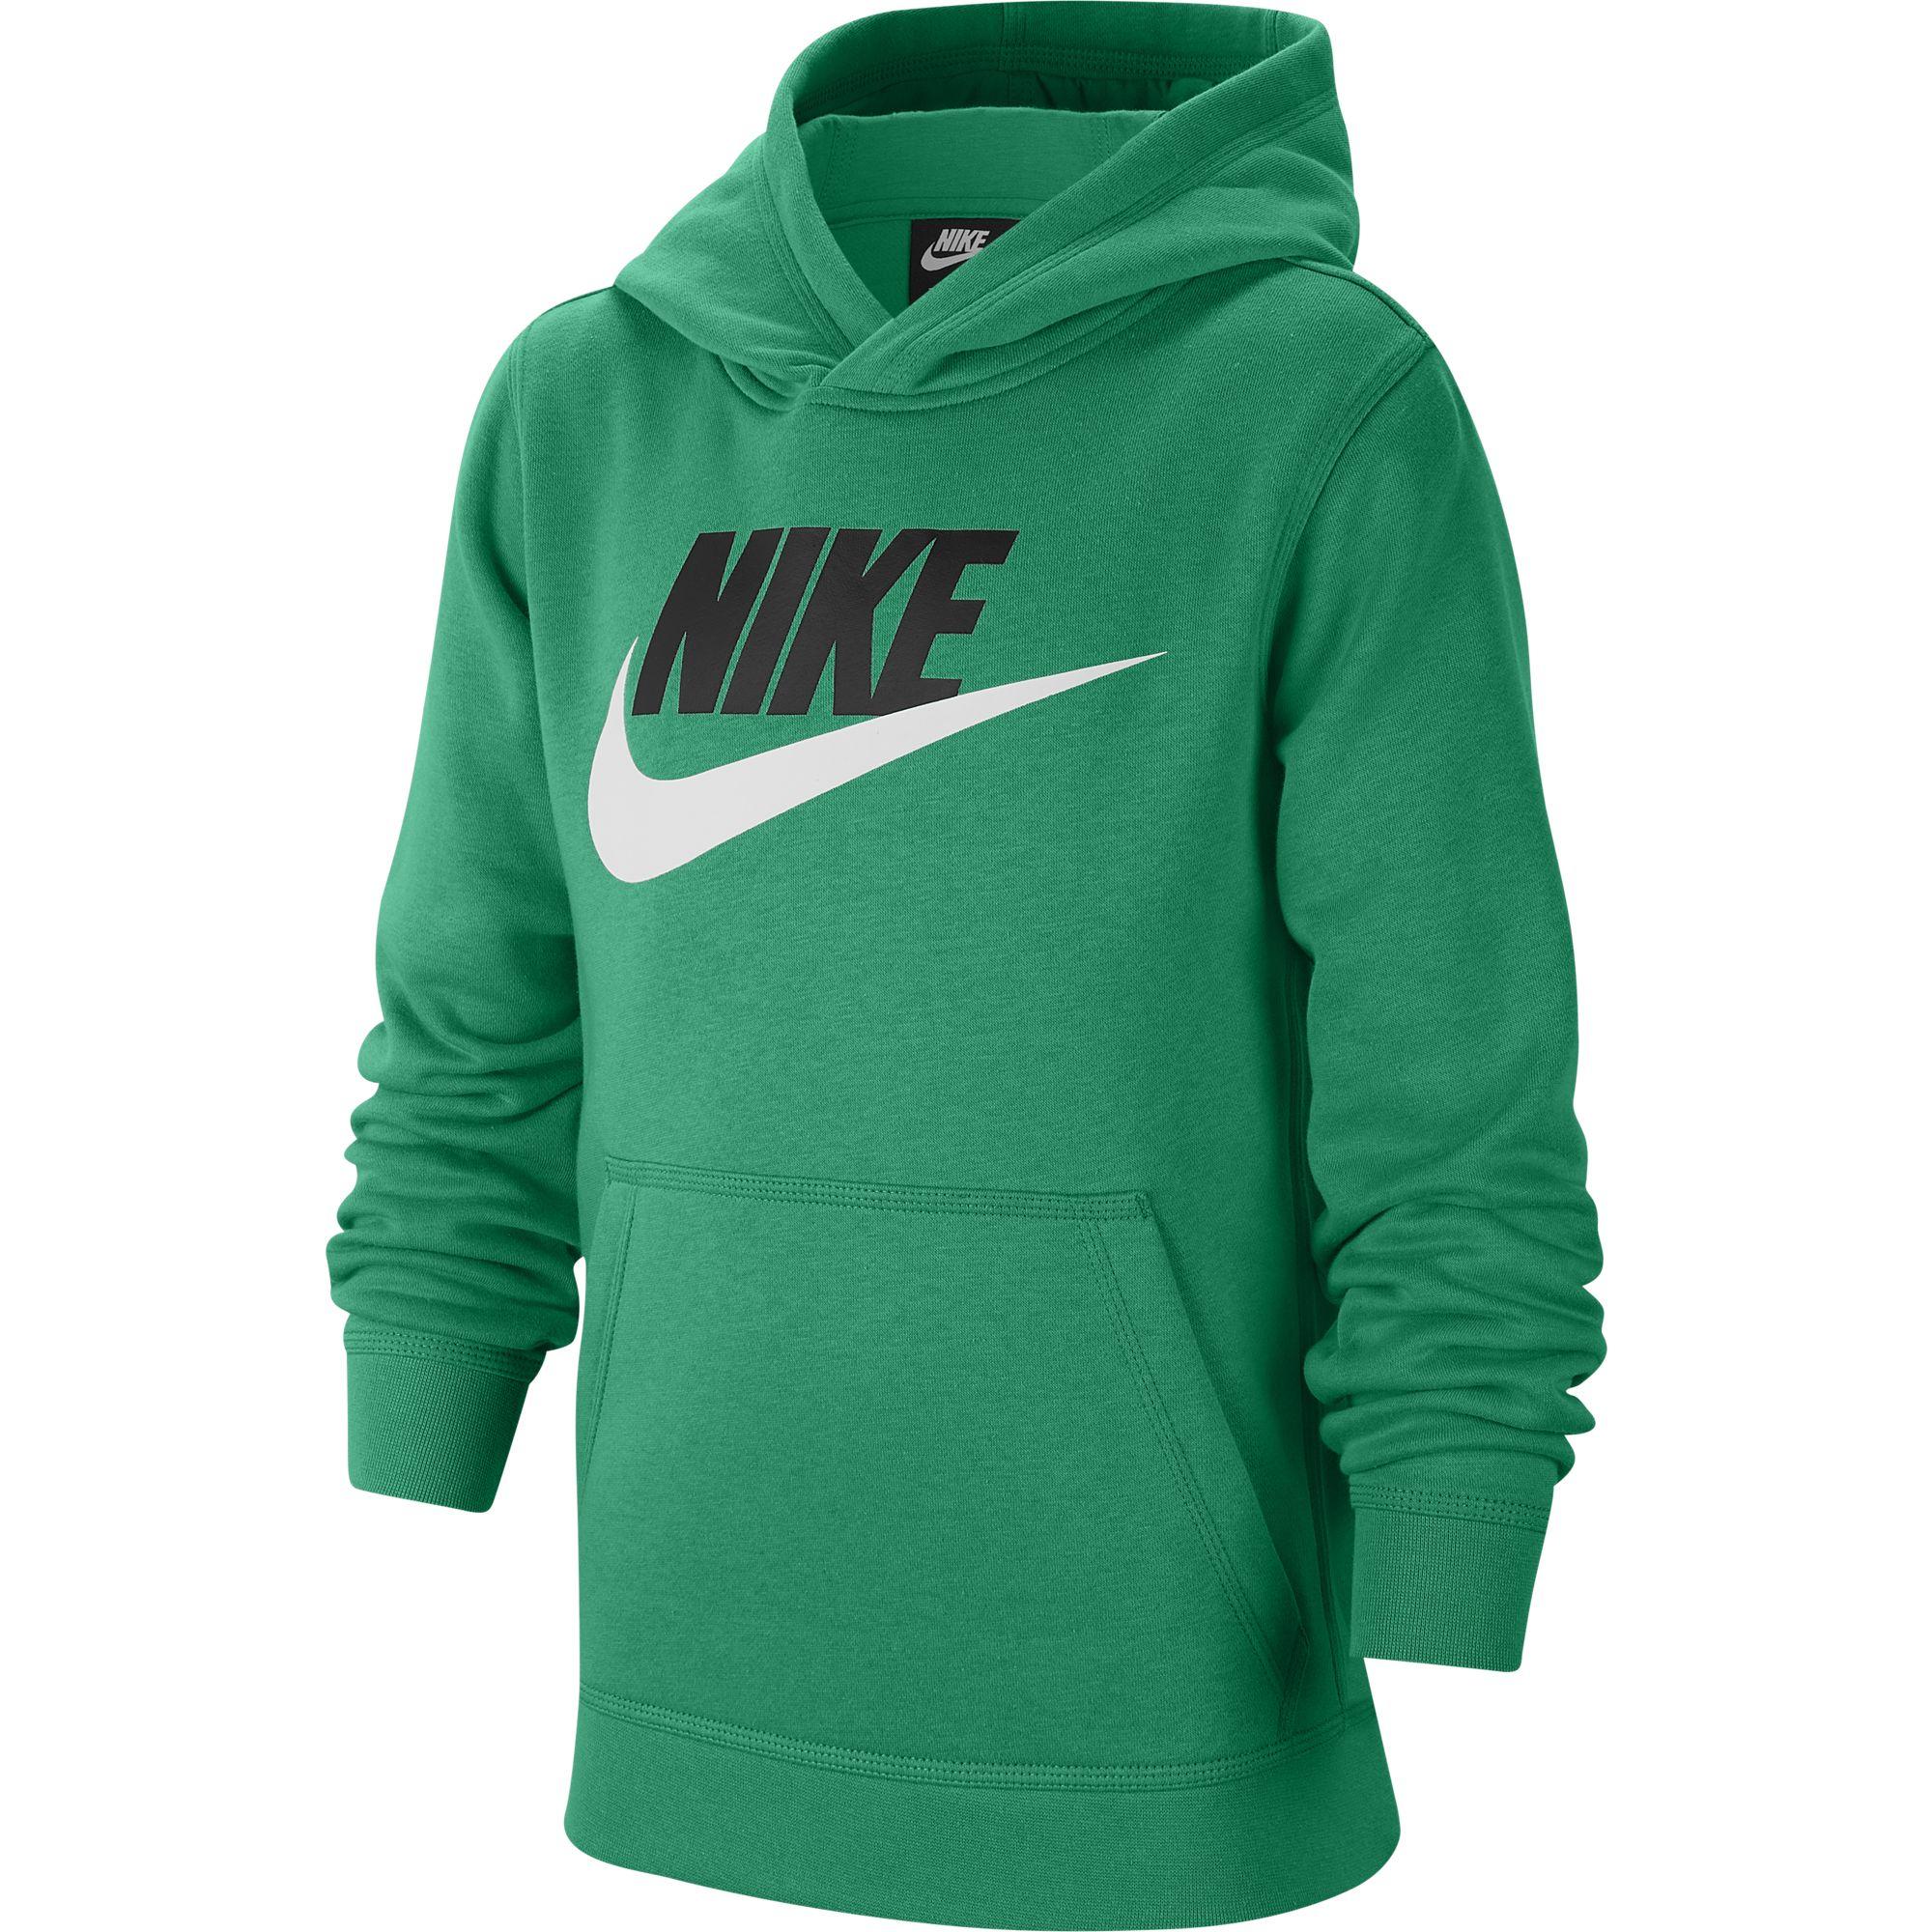 Boys' Sportswear Club Fleece, Green, swatch